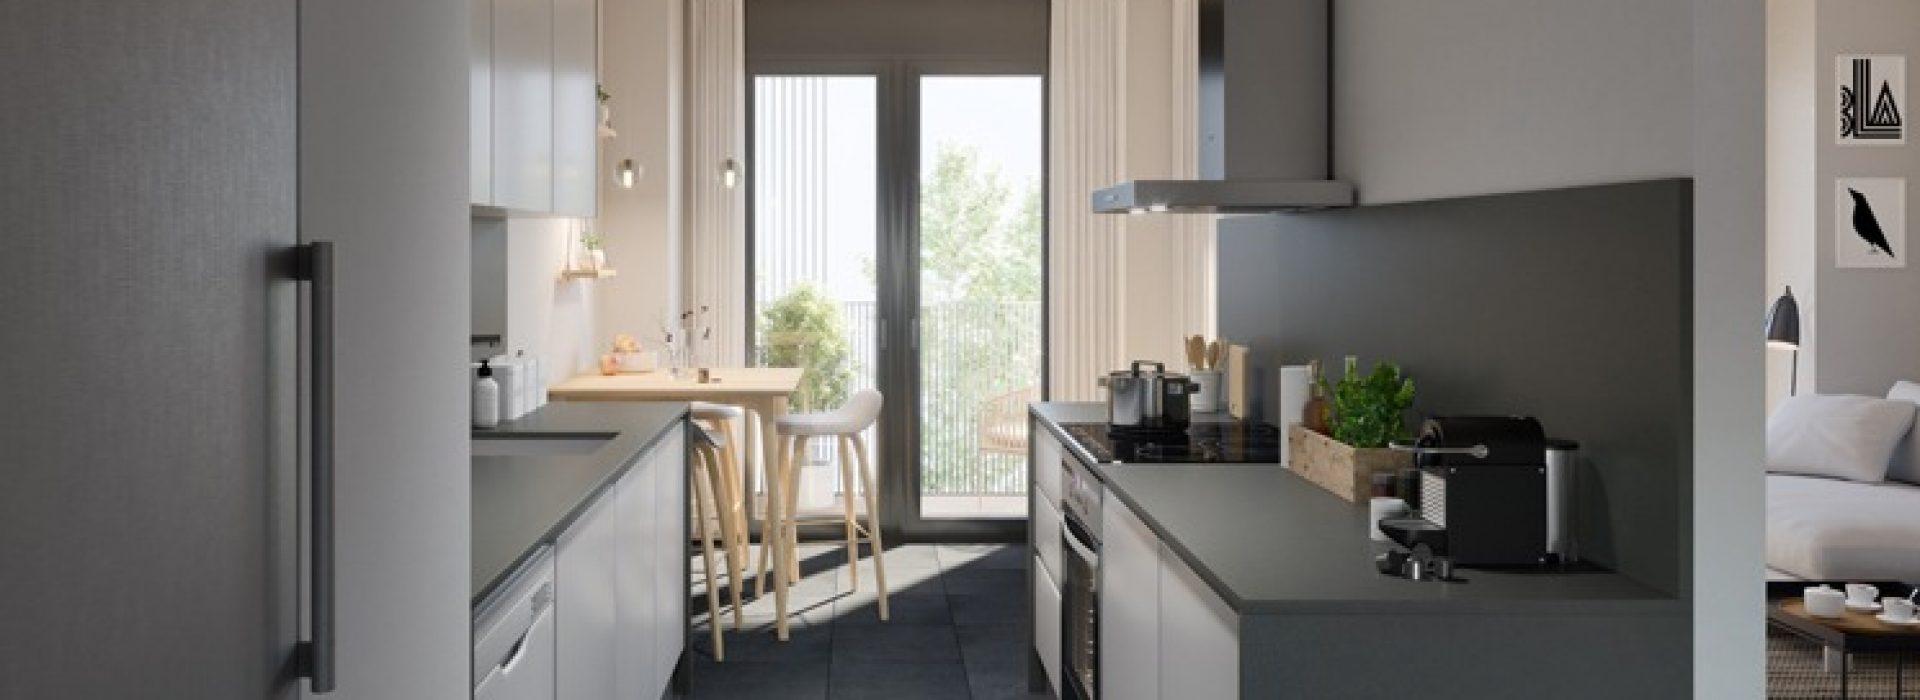 Comedor y terraza Residencial el Mirador de Mollet TR Grupo Inmobiliario desde 1971